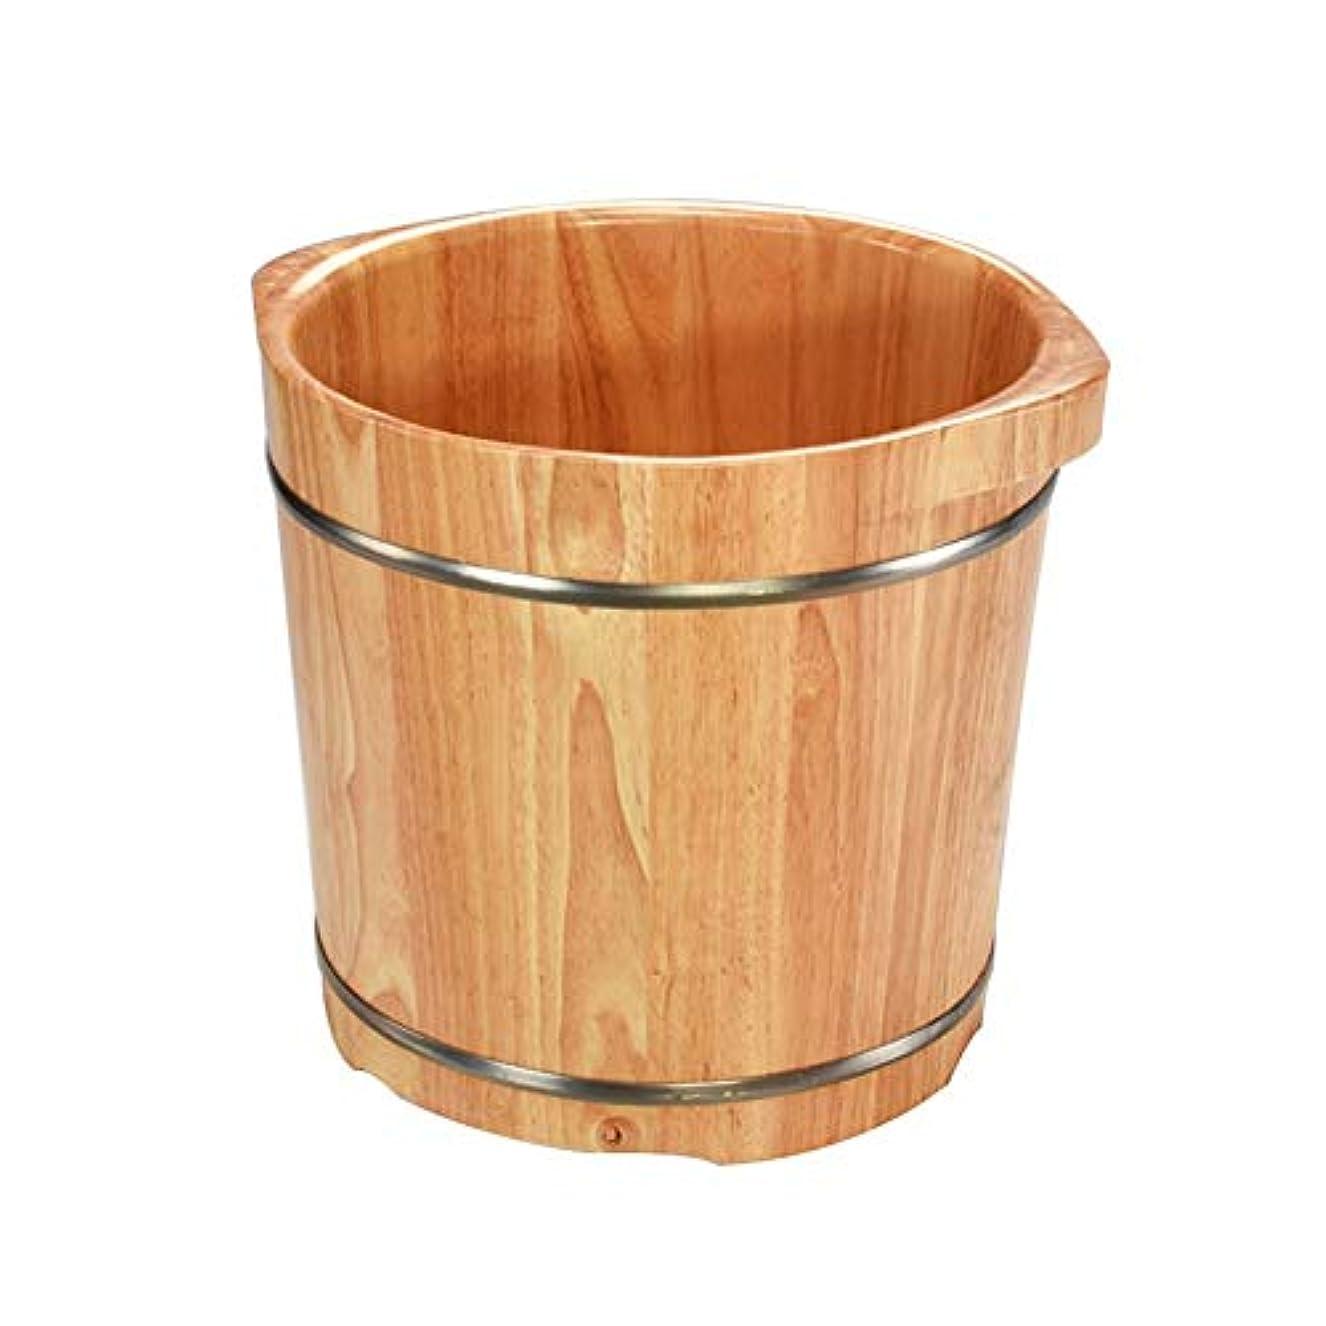 対うまくいけば告白するフットタブ バブルフットバケツプラスハイ泡フットペディキュアフットバスバレル木製浴槽フットバスバレルラバーウッド足浴槽 (Color : A)